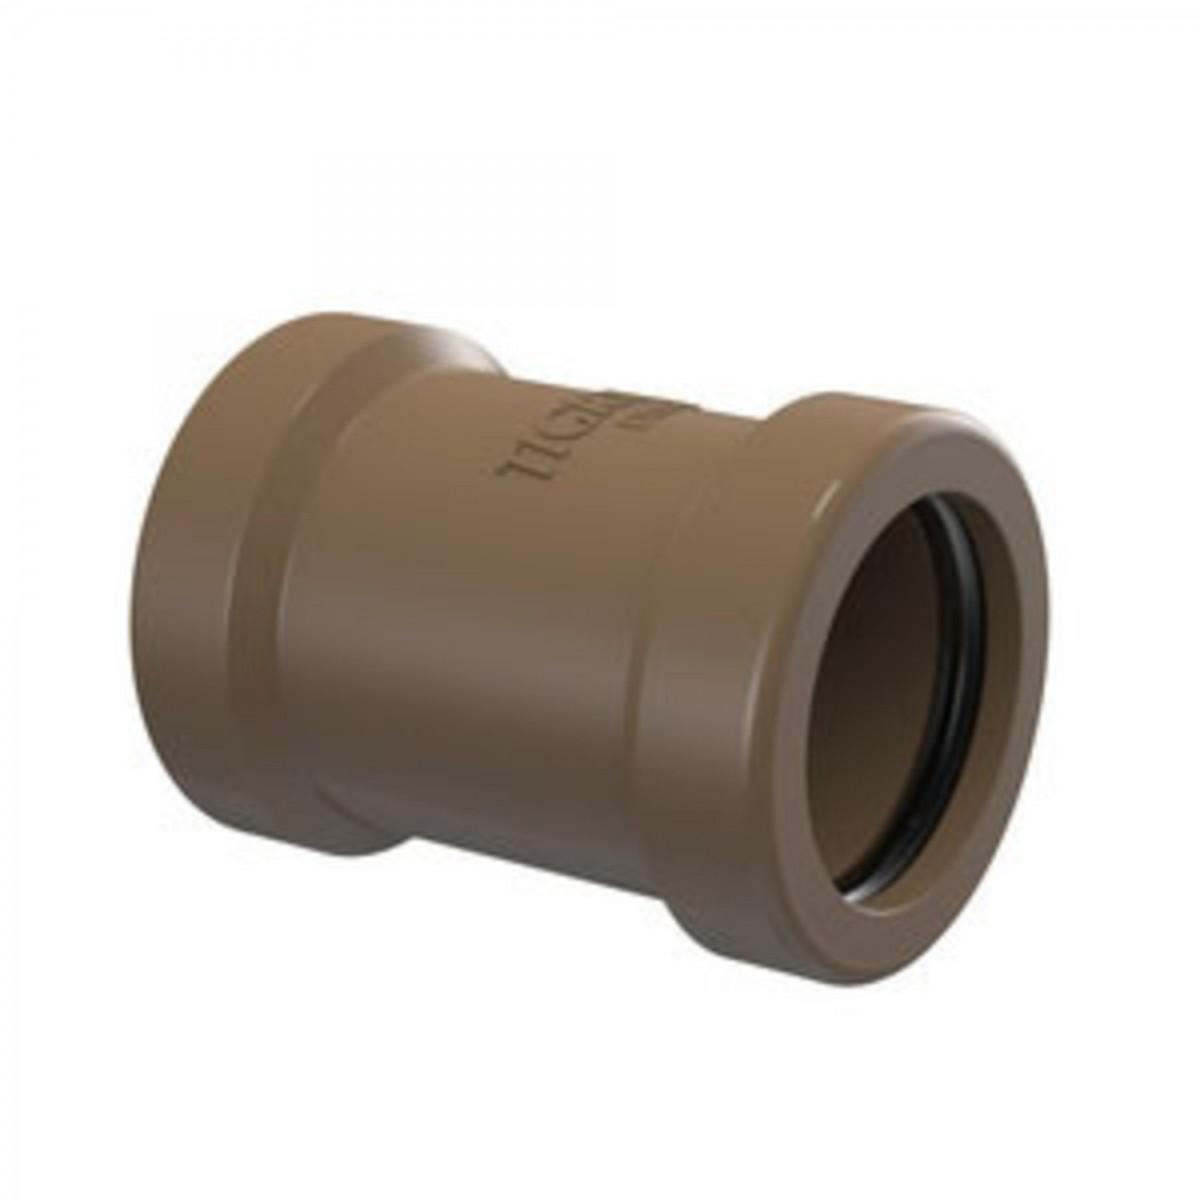 Solda Luva de Correr 60mm (2